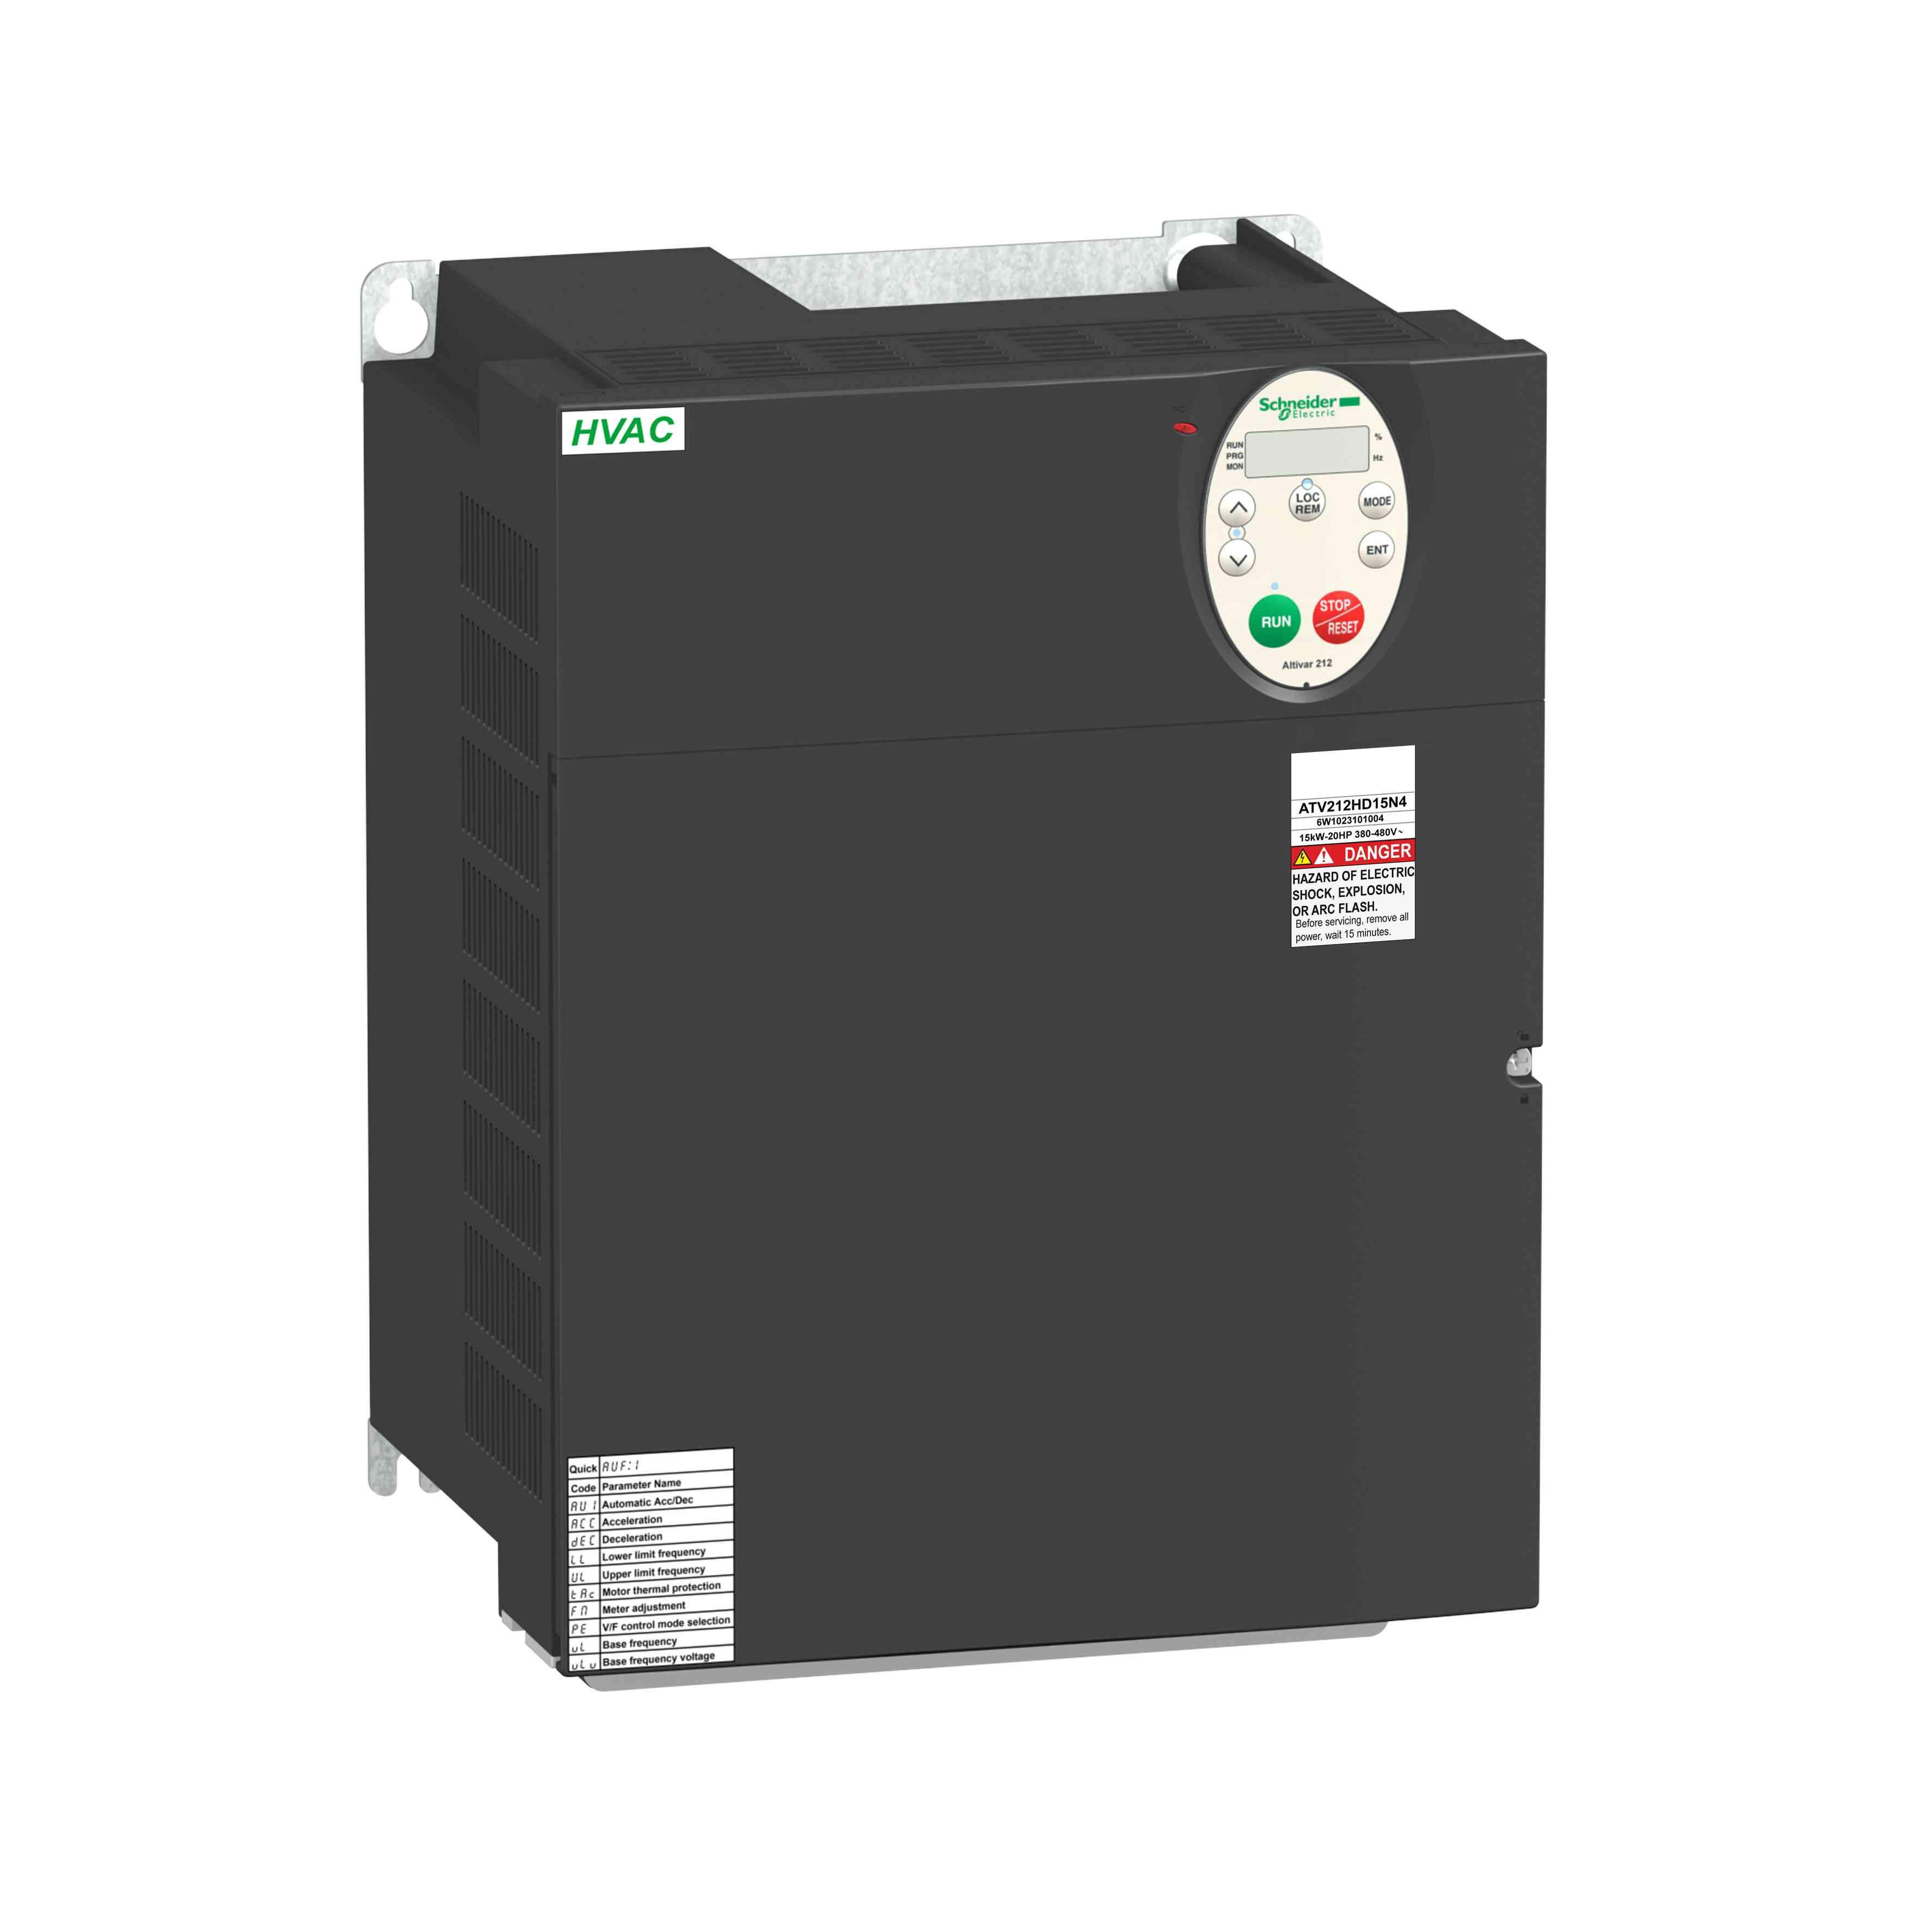 Pogon s sprem. hitr. ATV212 - 15 kW - 20 hp - 480 V - 3 f. - EMC - IP21